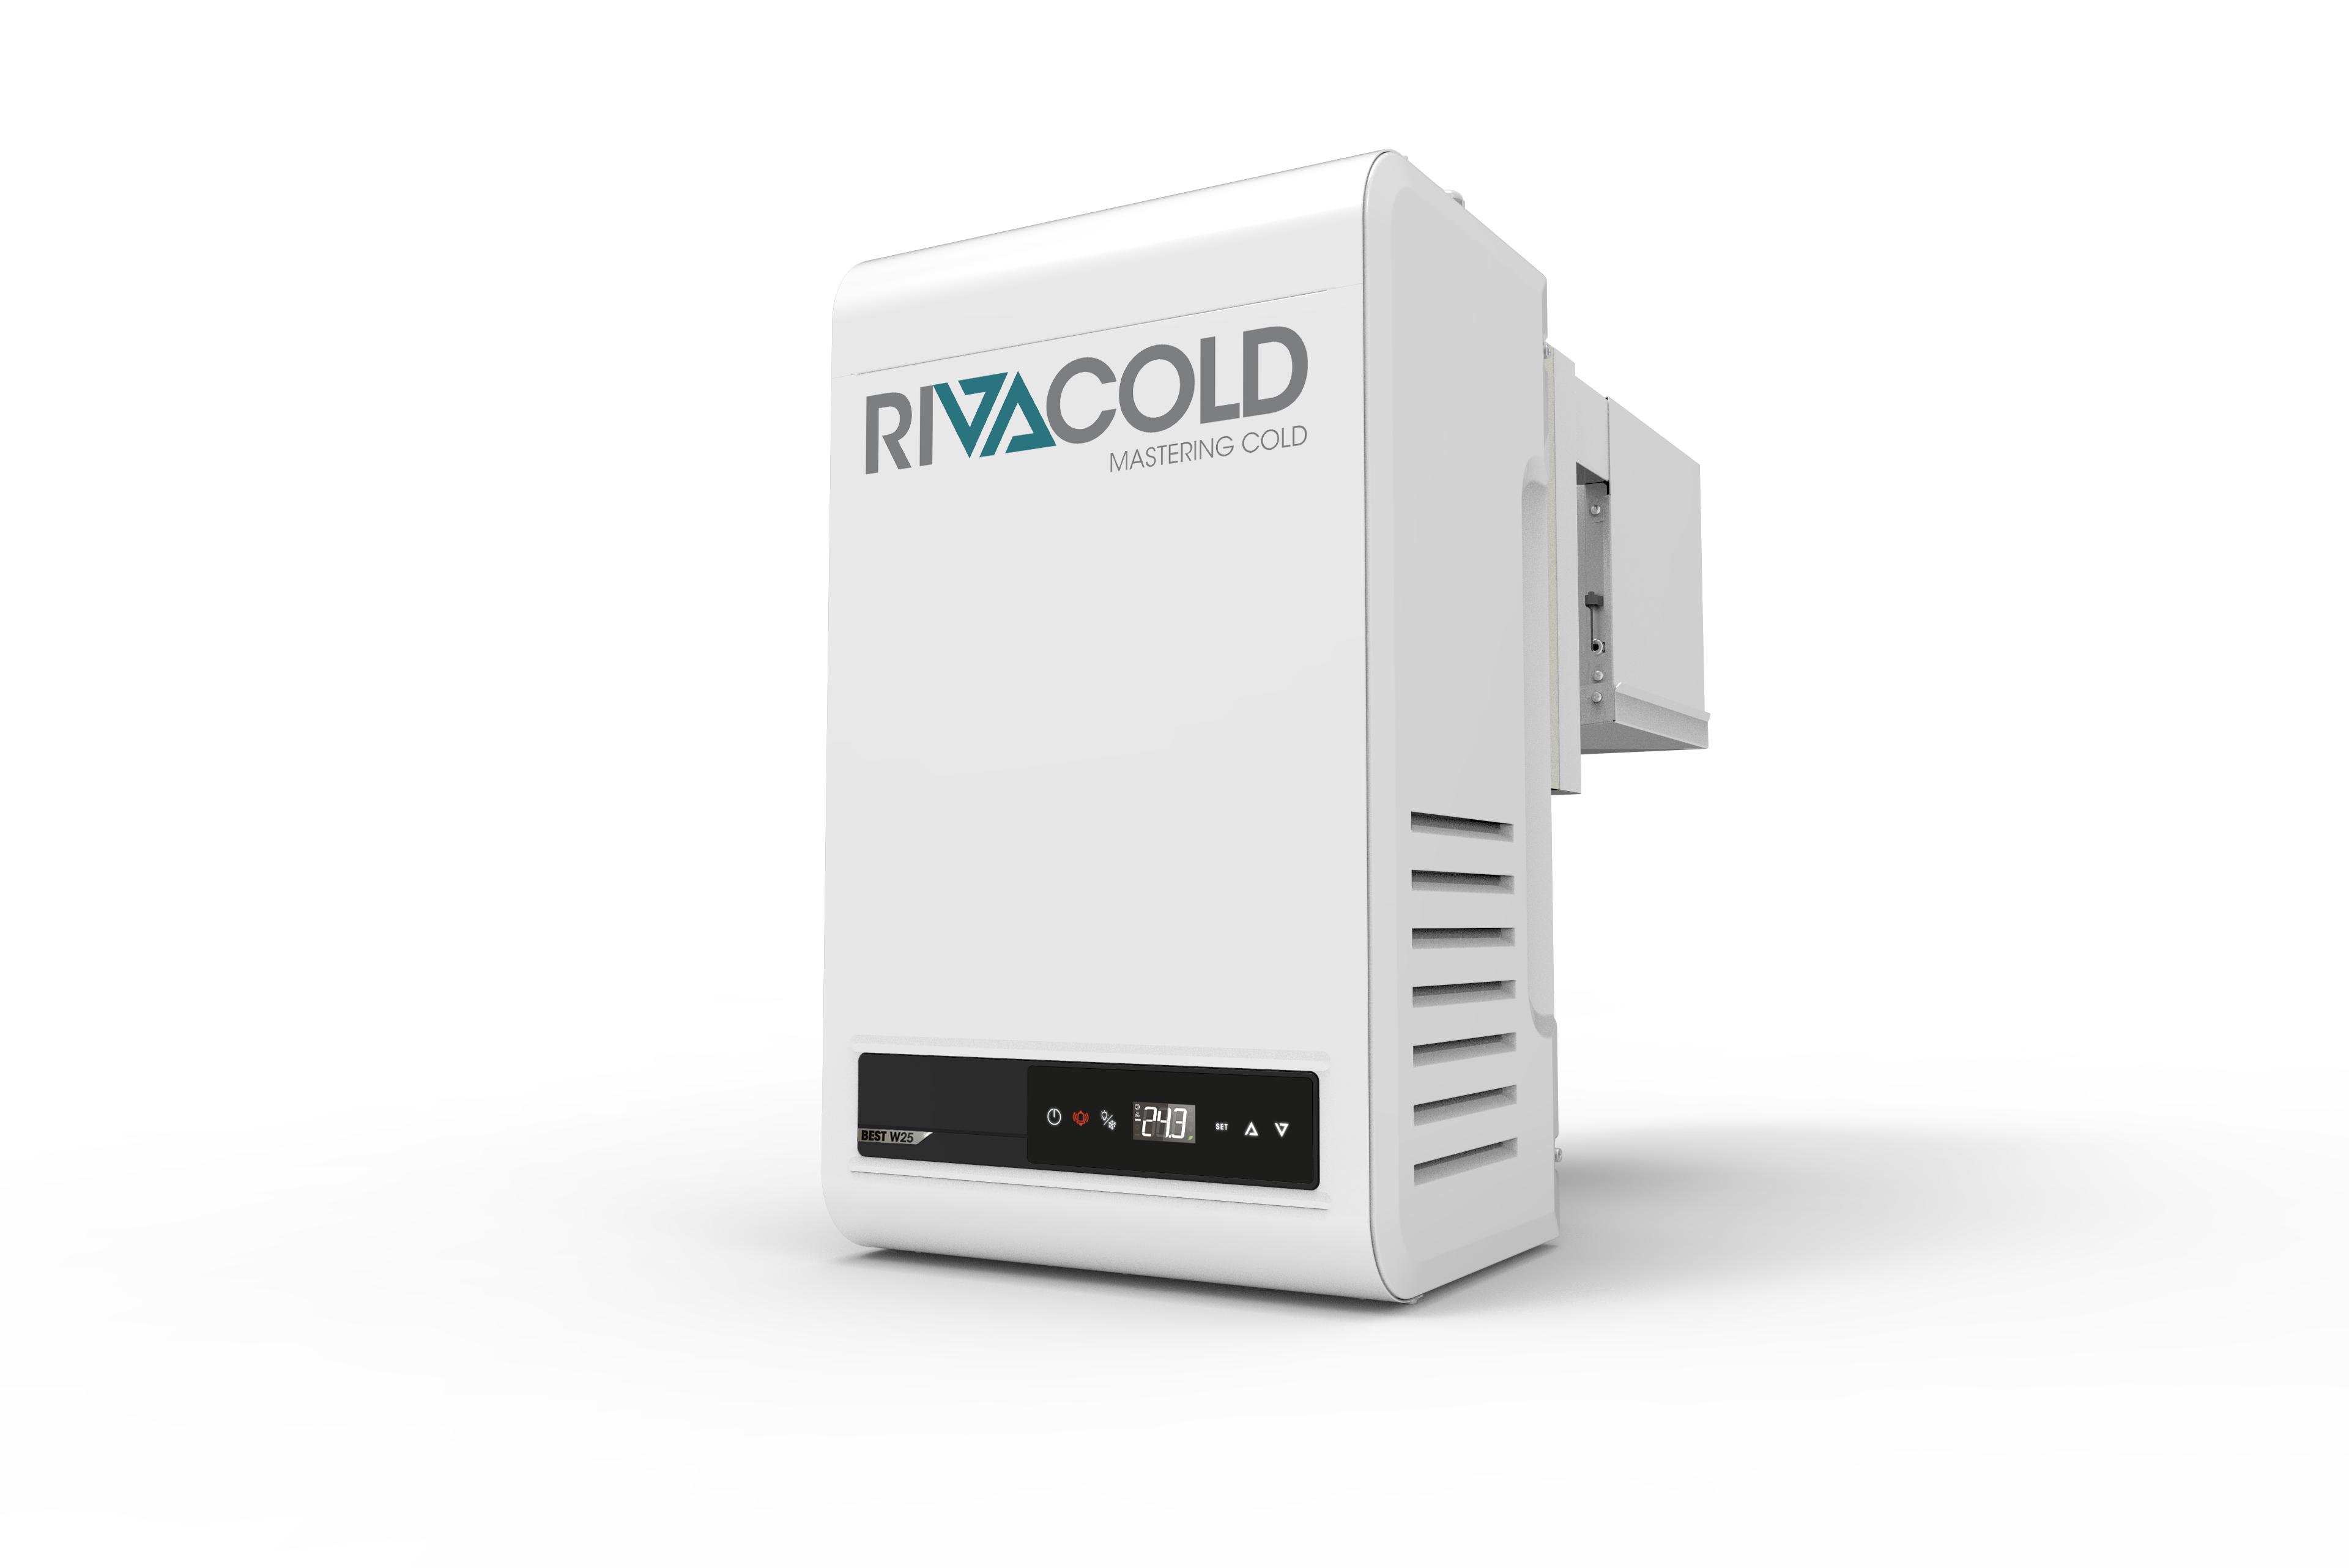 Rivacold sceglie la tecnologia più all'avanguardia nel suo prodotto storico: il Blocksystem diventa BEST